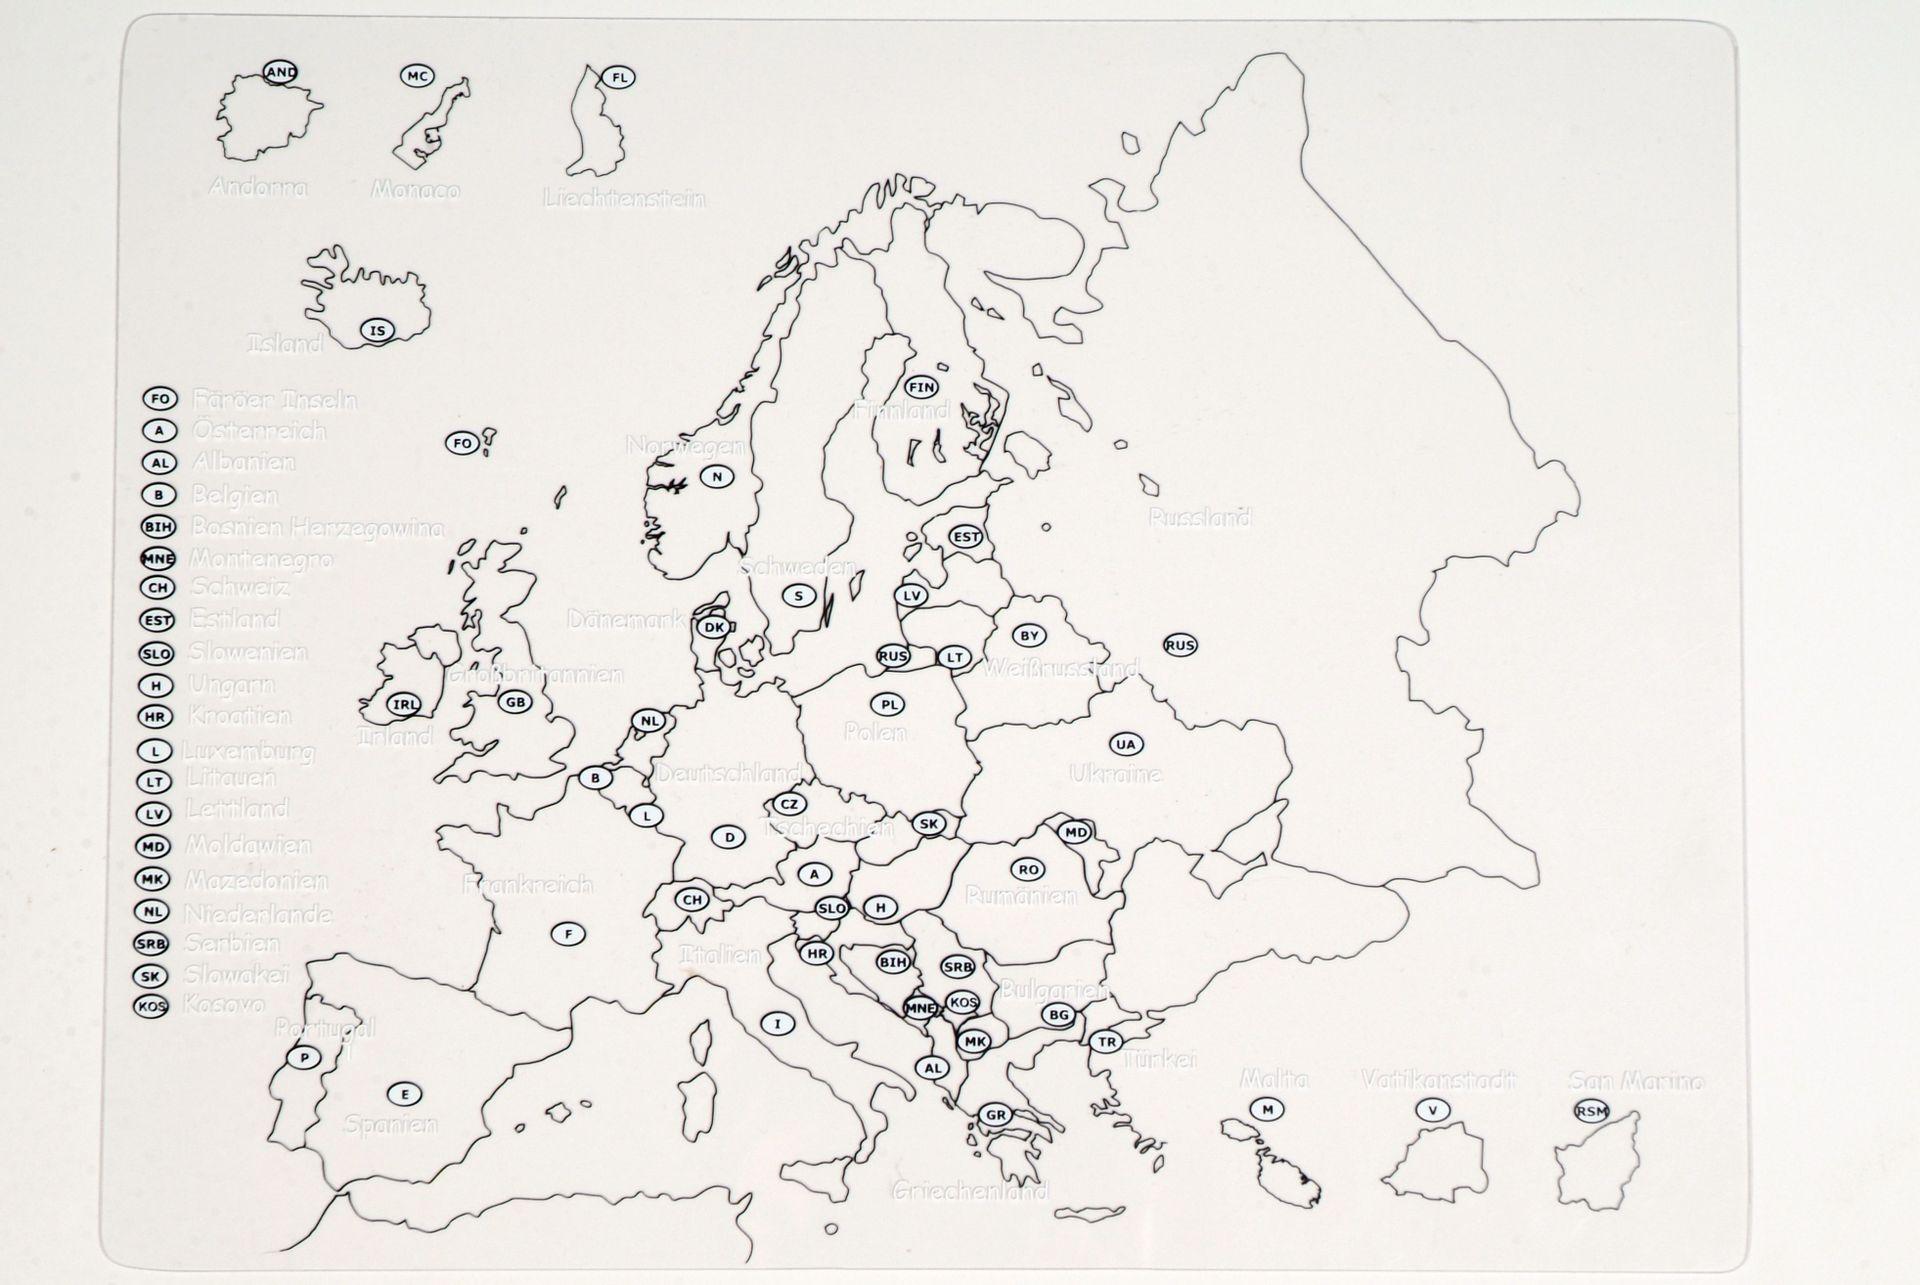 Europapuzzle